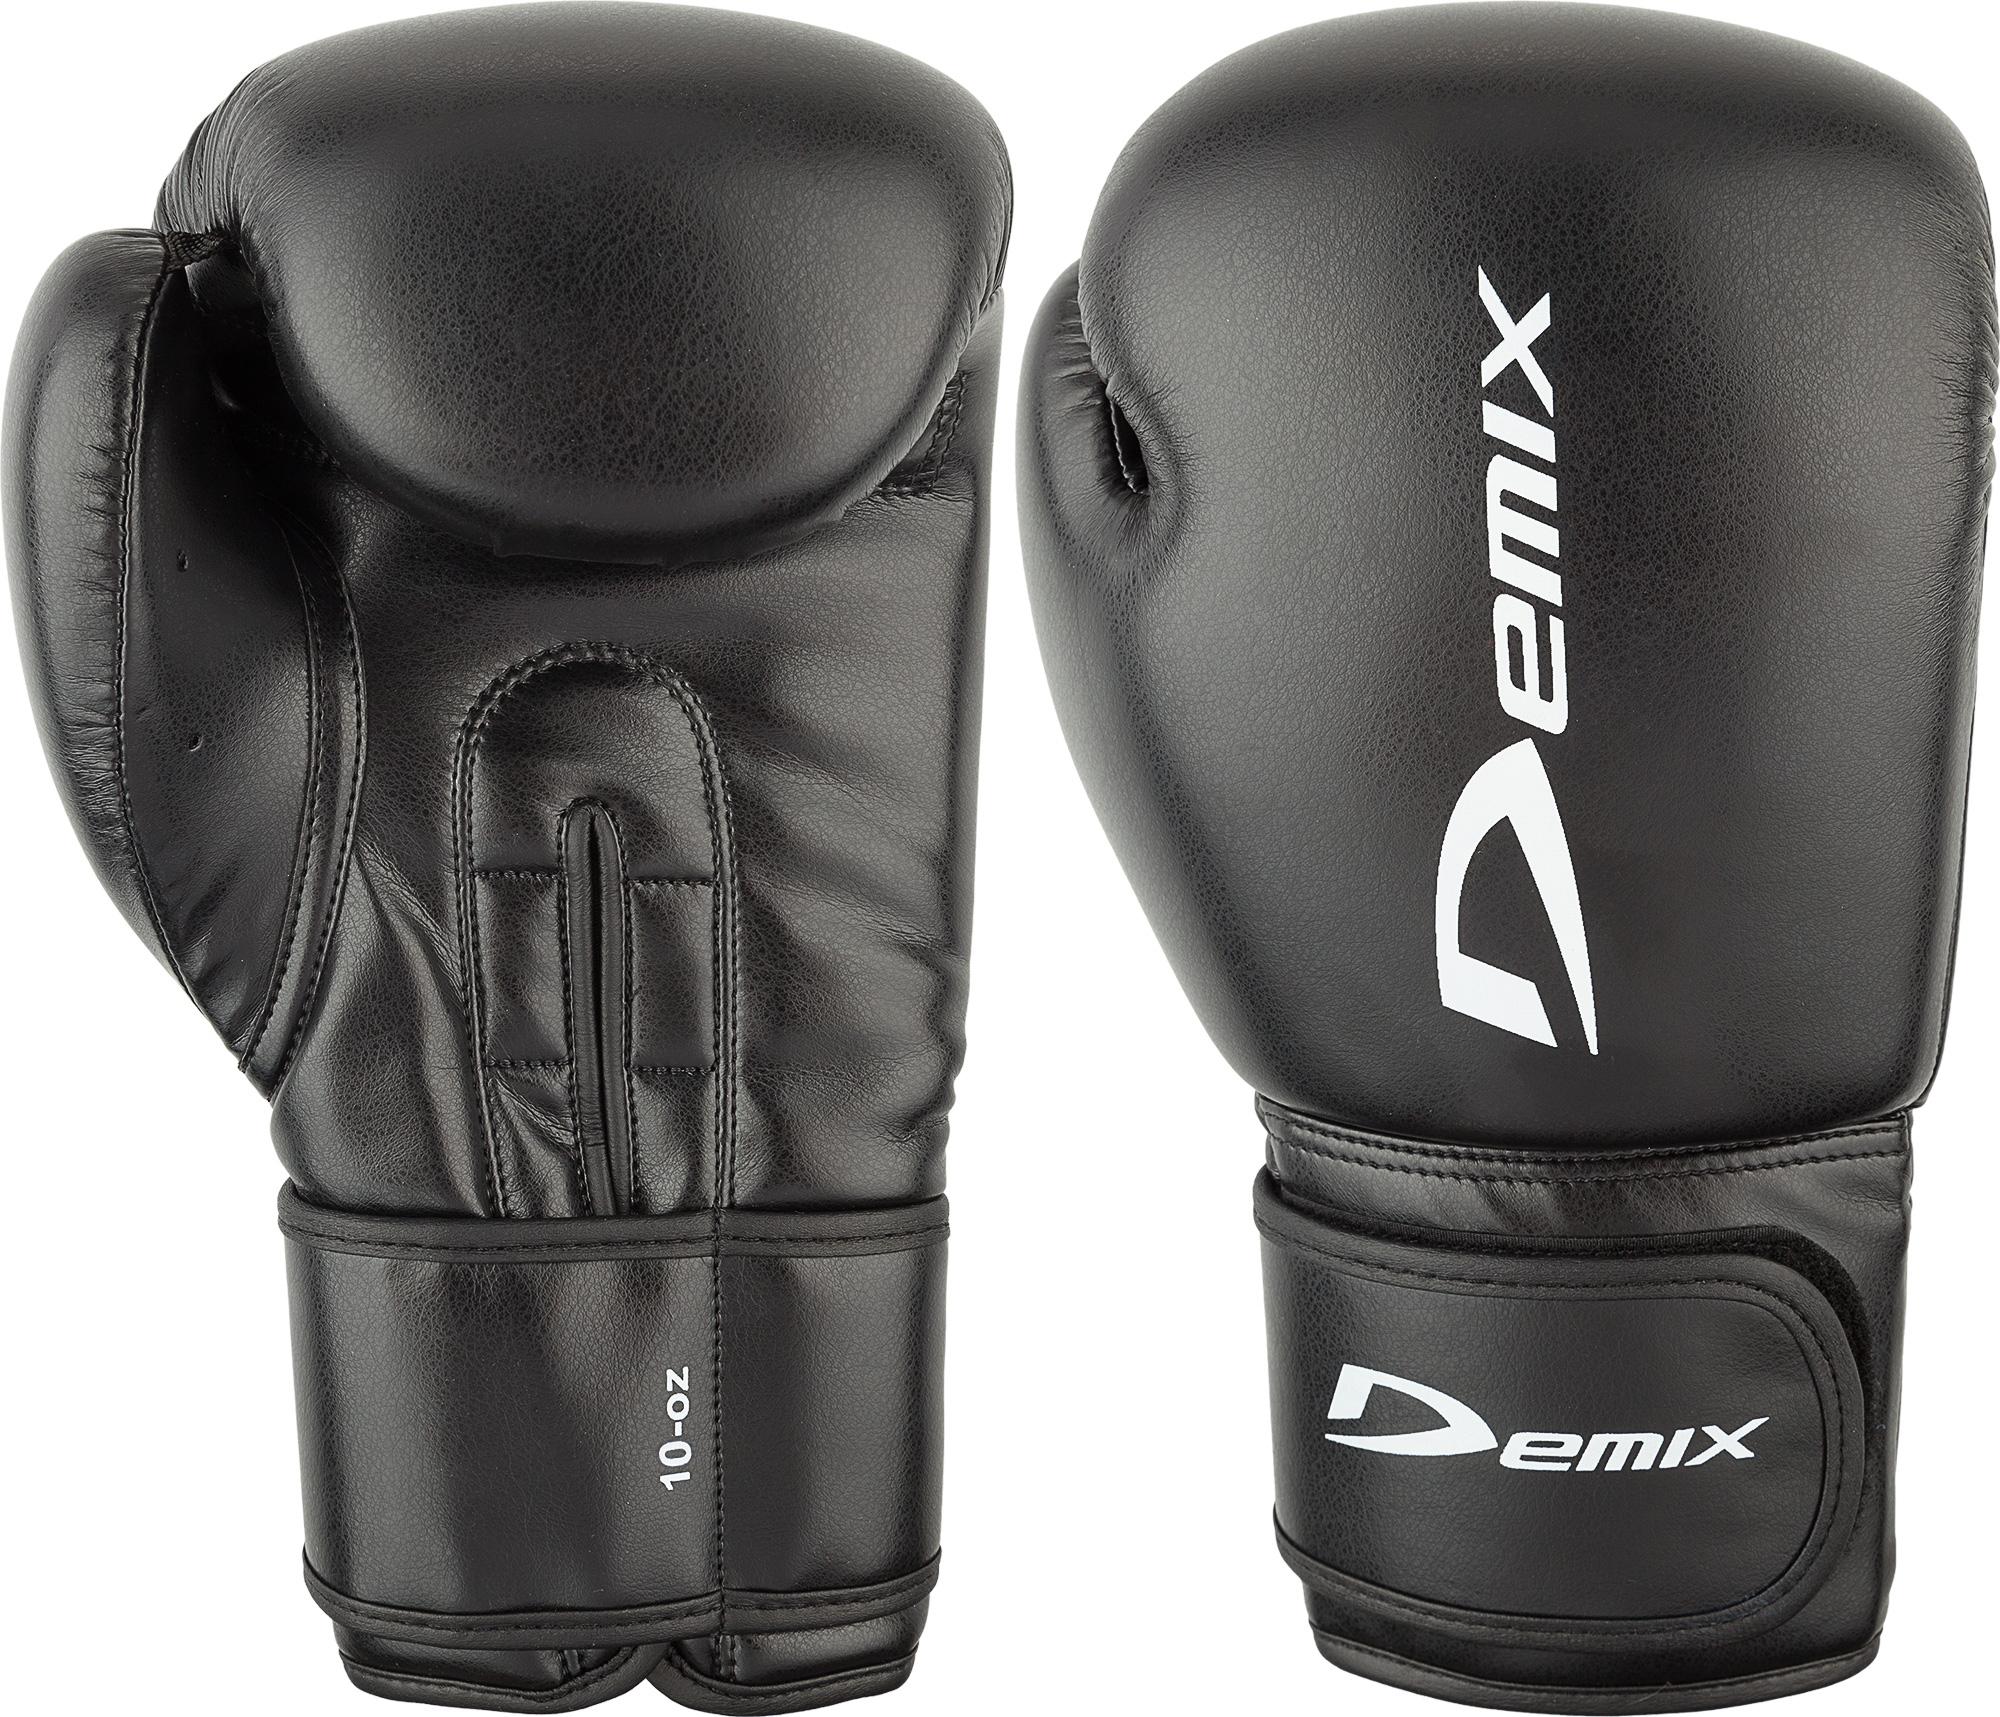 Demix Перчатки боксерские Demix, размер 10 oz